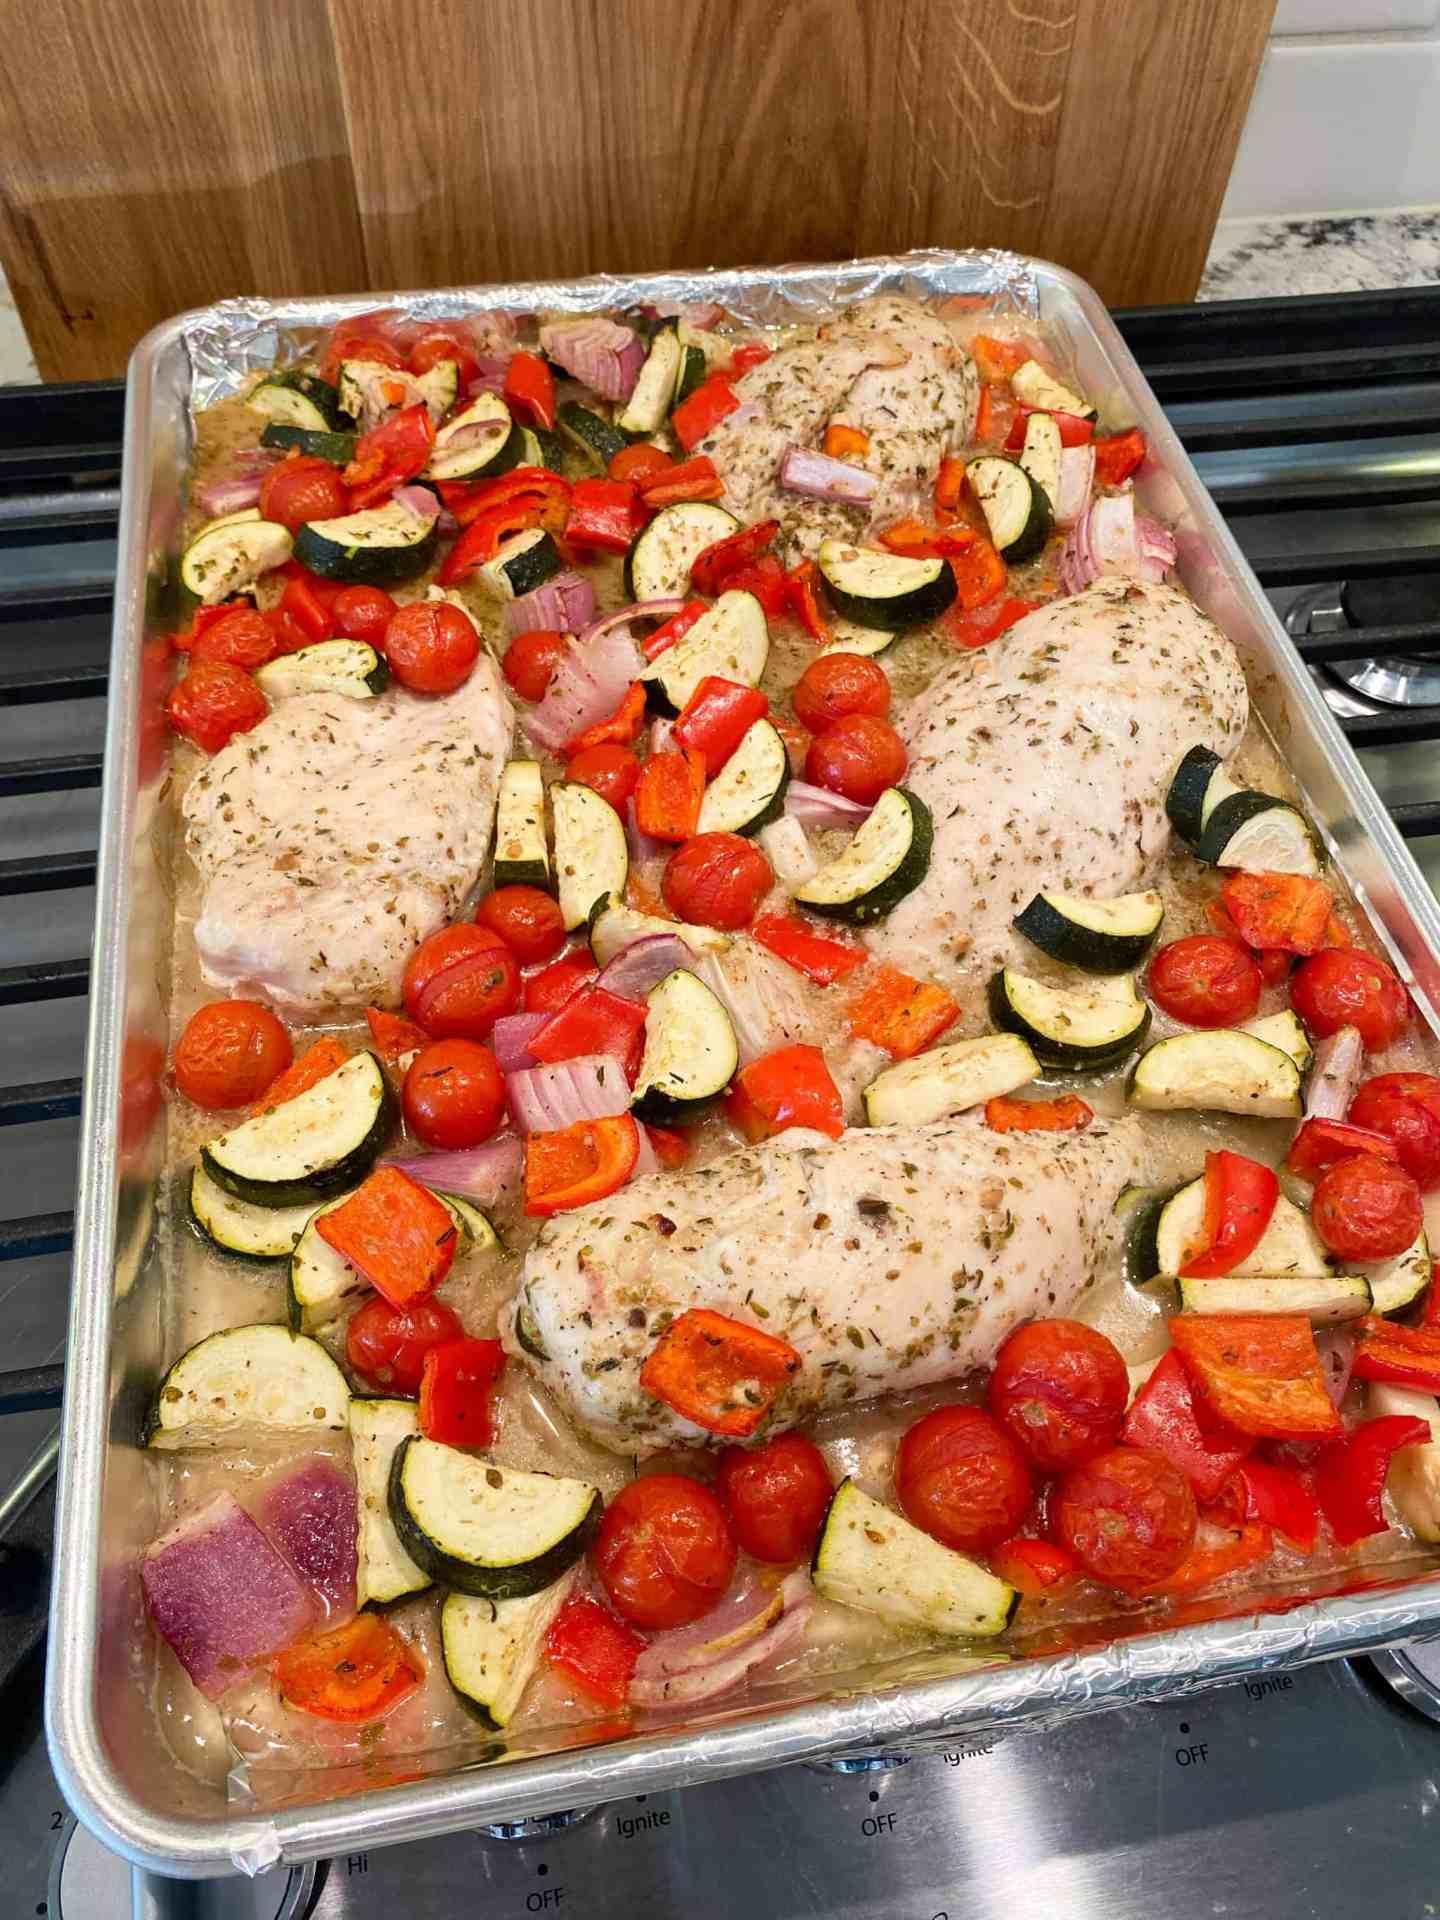 baked-chicken-and-vegetables-in-Greek-vinaigrette